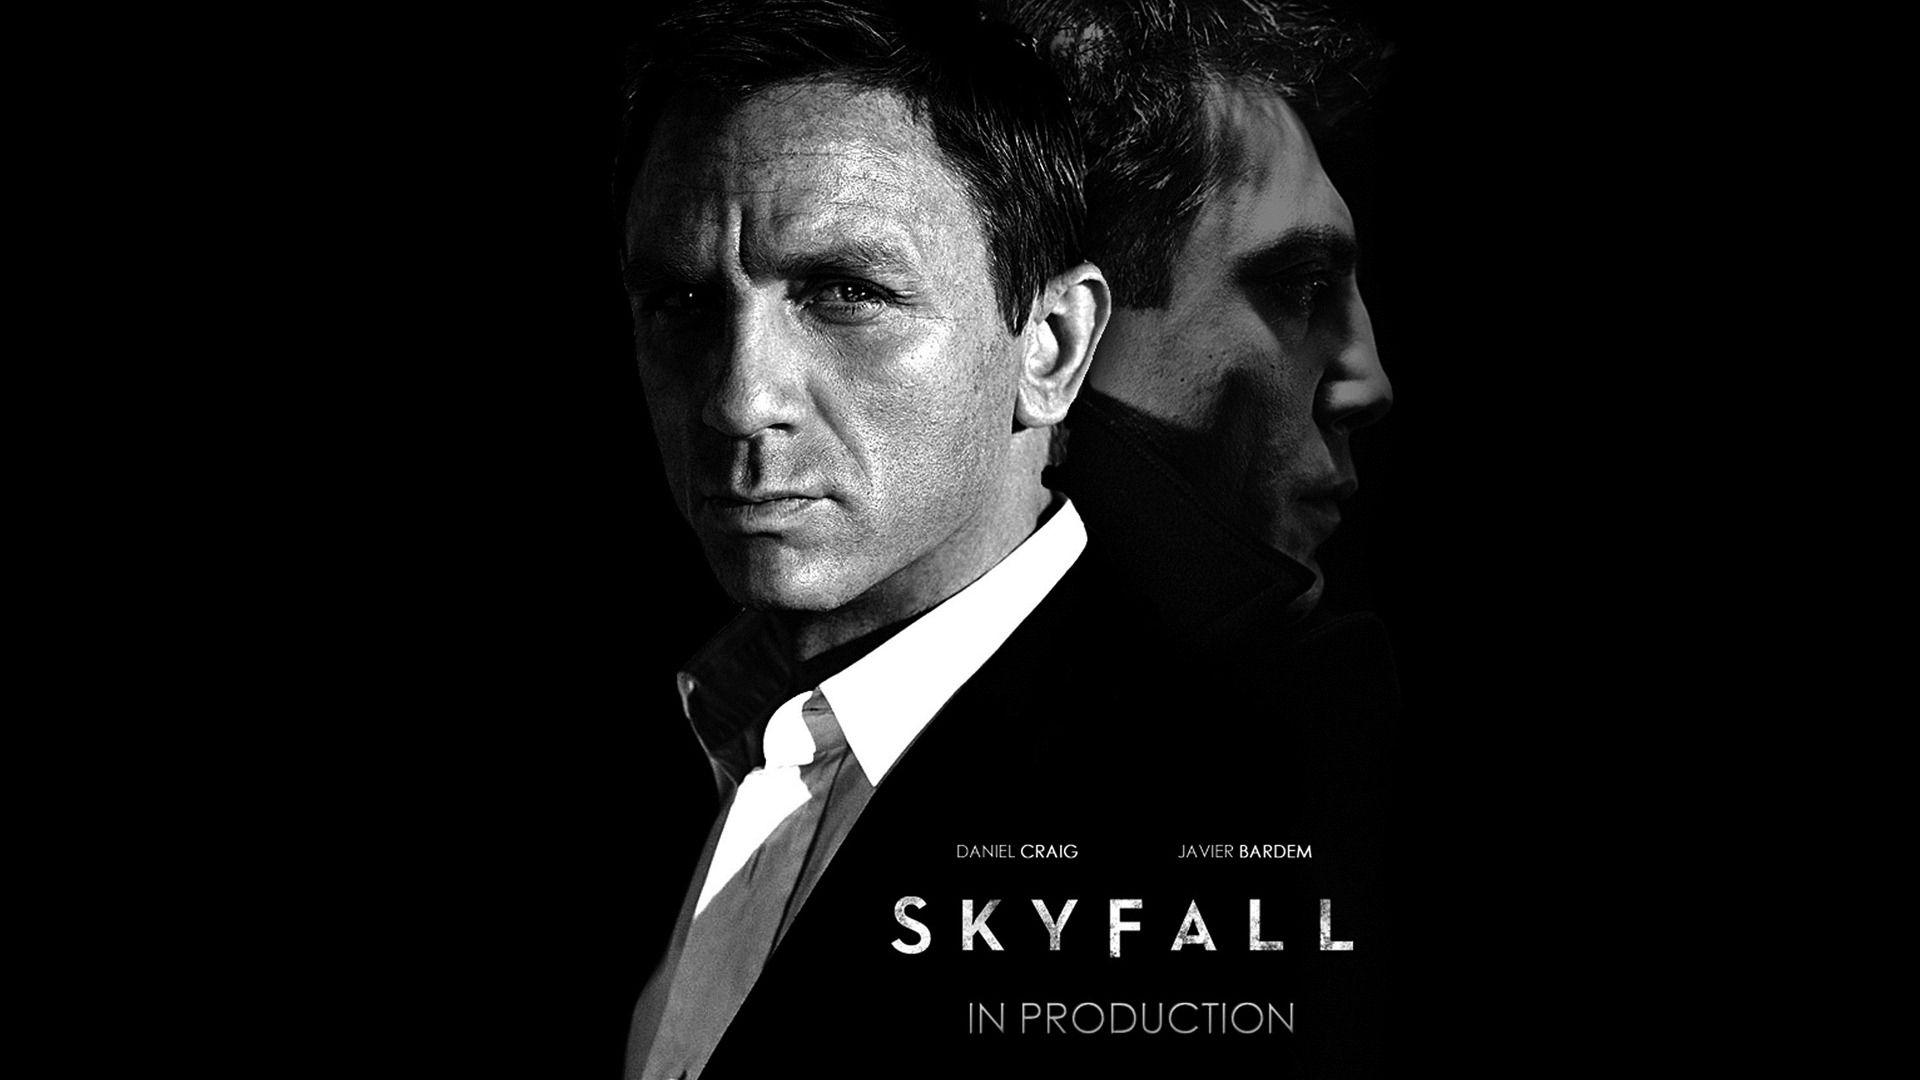 007 skyfall fonds d - photo #11